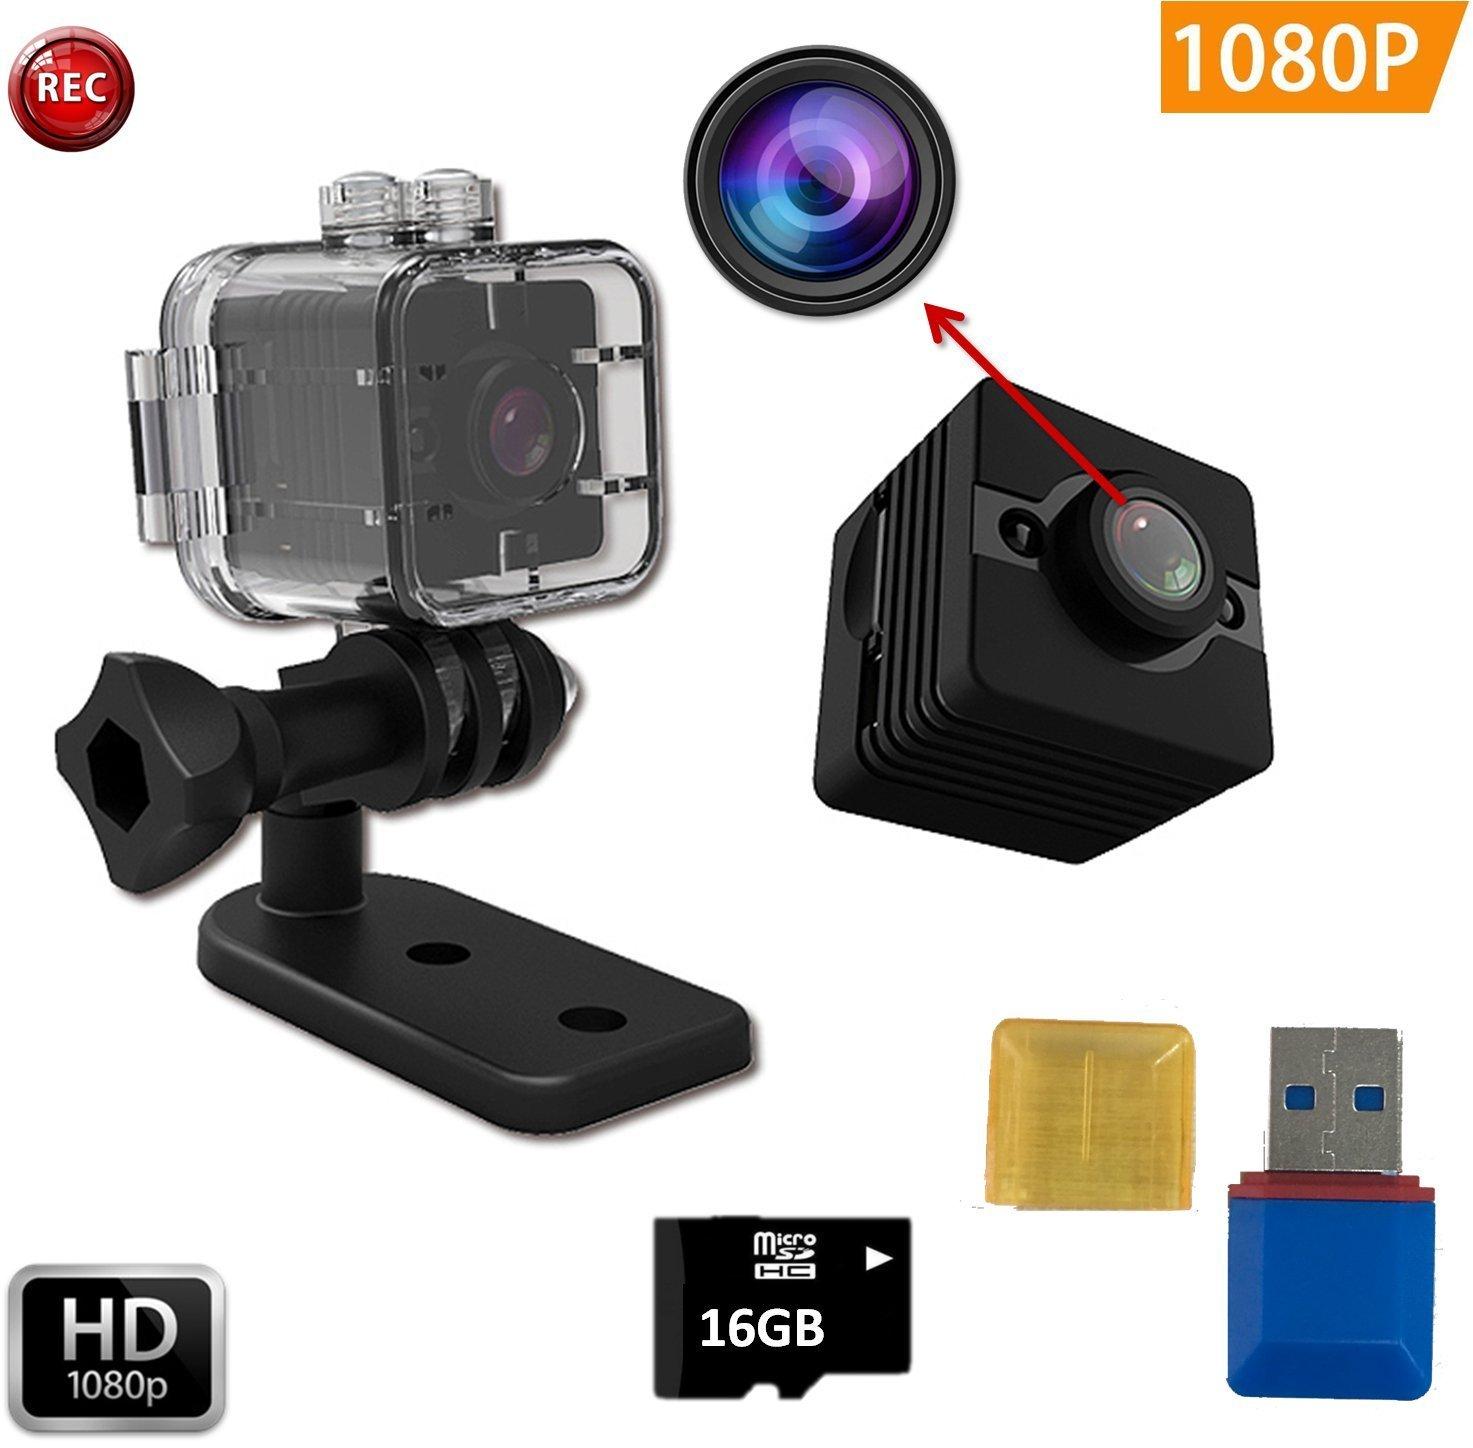 Imperméable à l'eau Mini Caméra SQ12 HD + 16 GB Sport Action Caméra Night Vision Caméscope 1080 P DV Enregistreur Vidéo Infrarouge voiture DVR Caméra